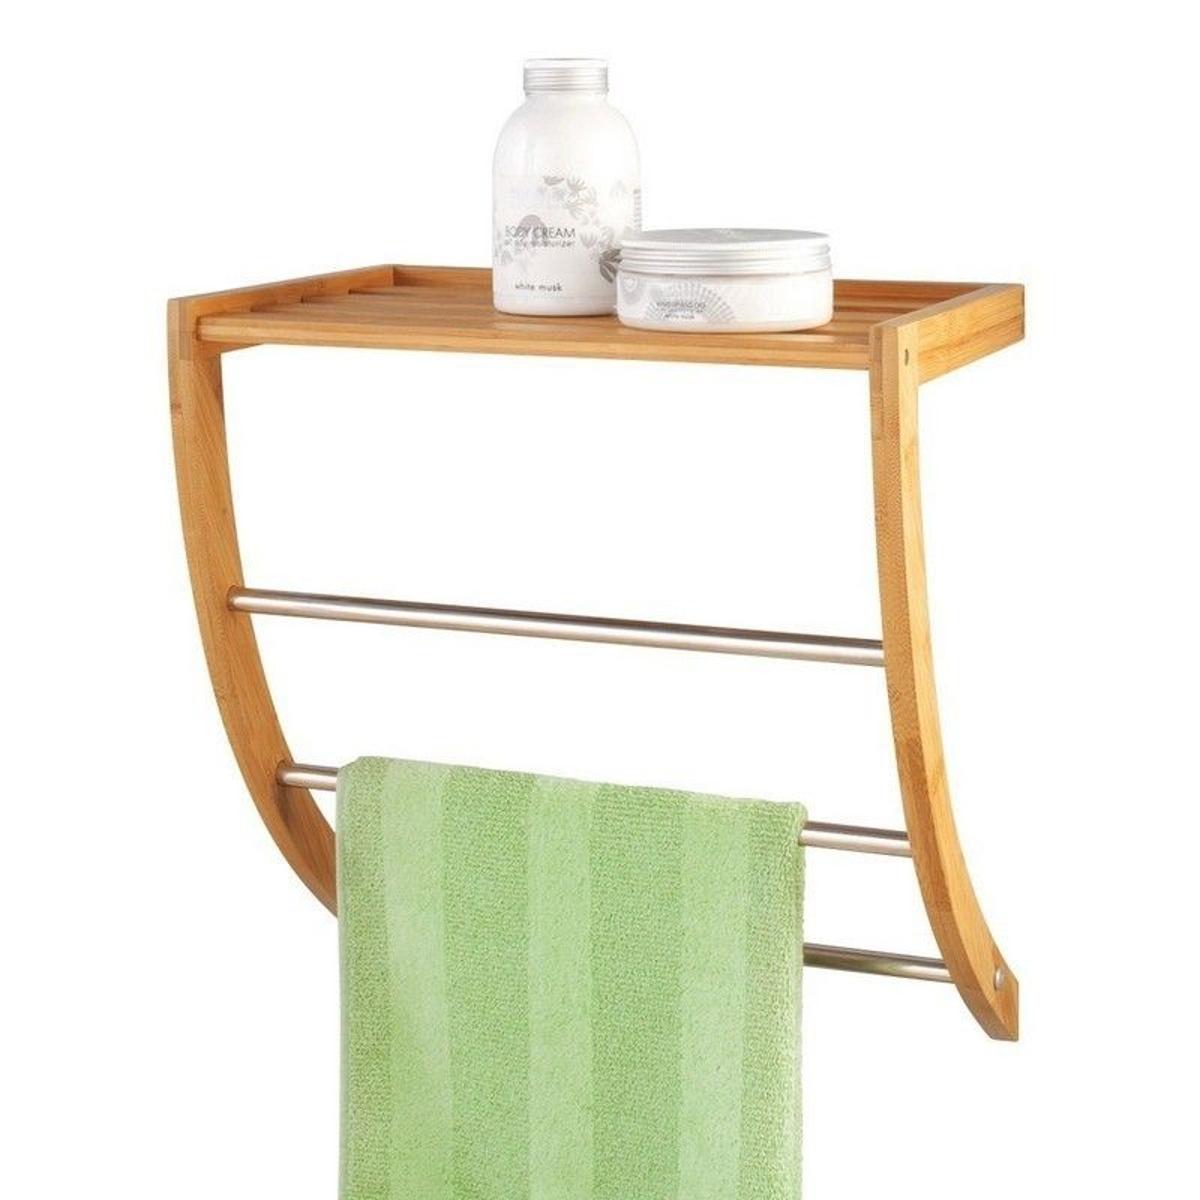 Porte-serviettes mural étagère bois bambou zeller